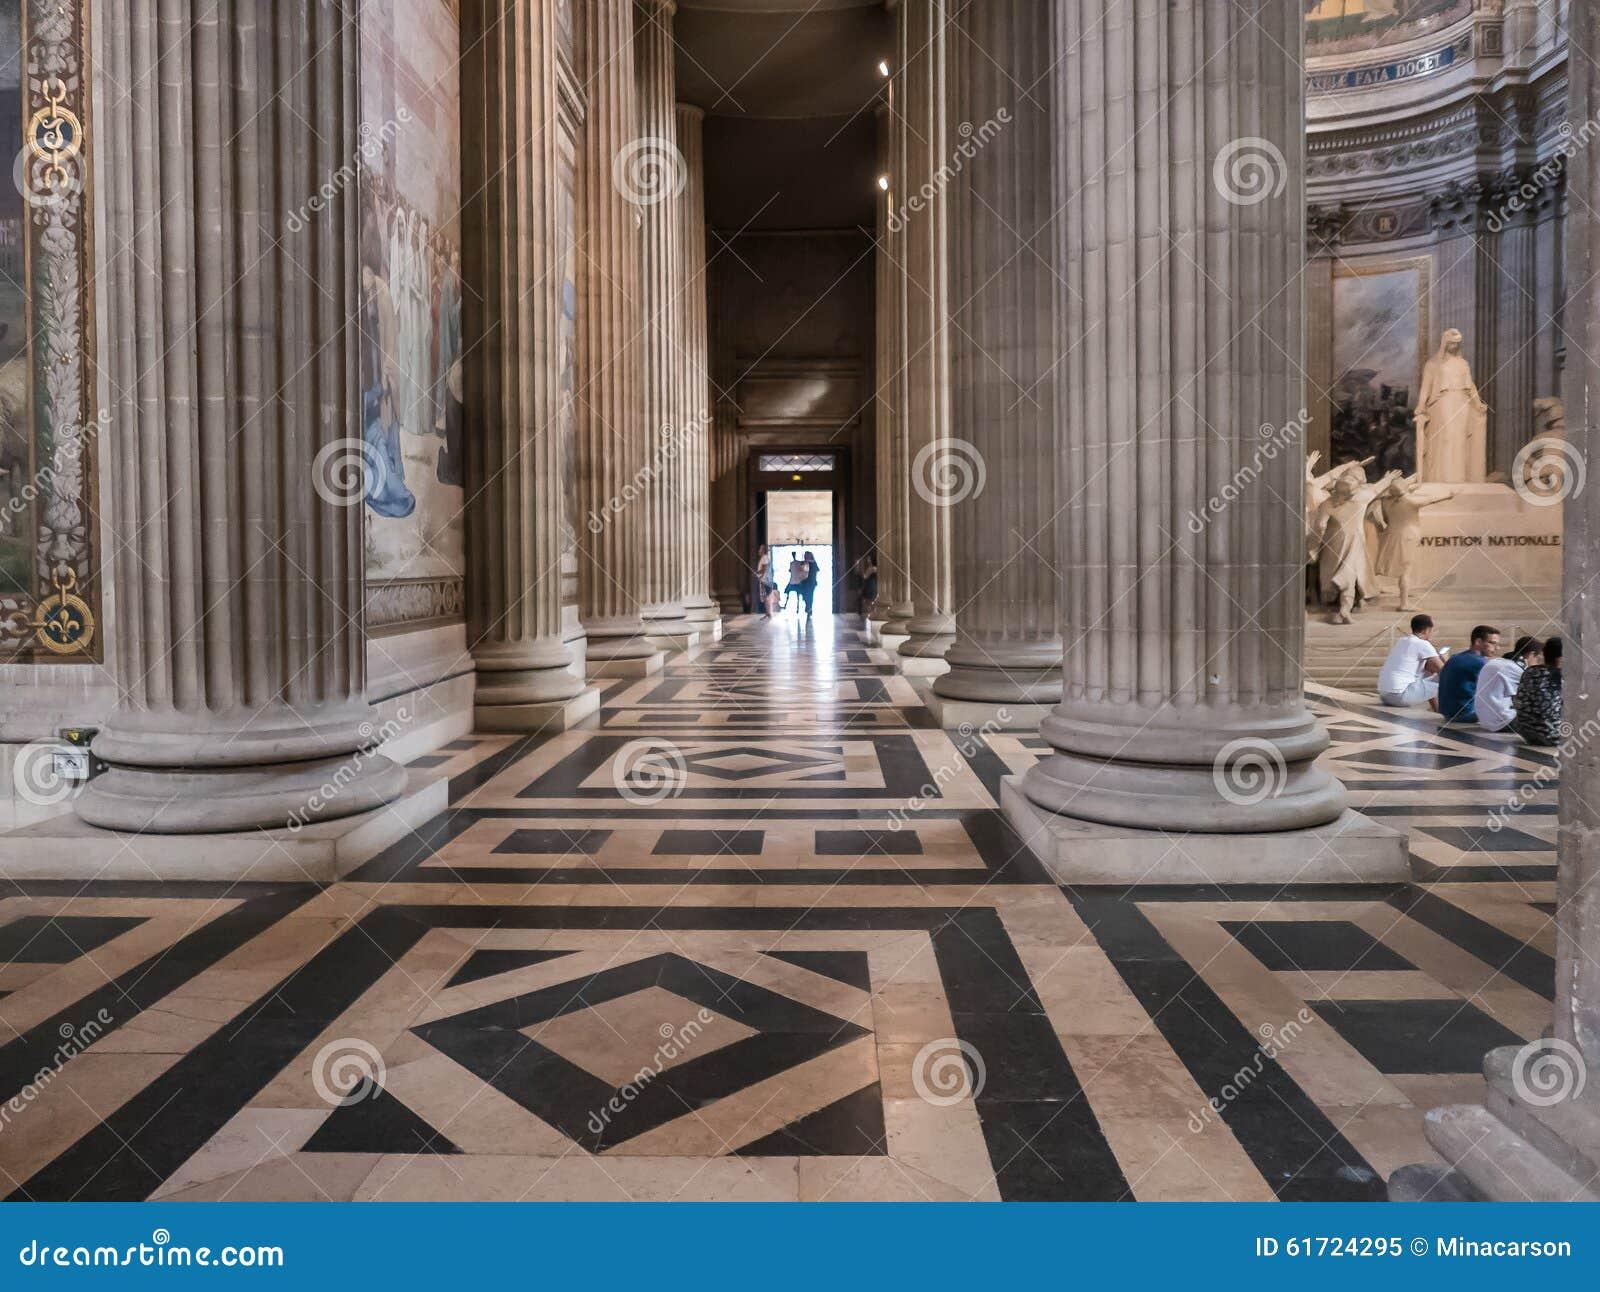 Huge pillars and tiled floor inside paris france for Floor pillars